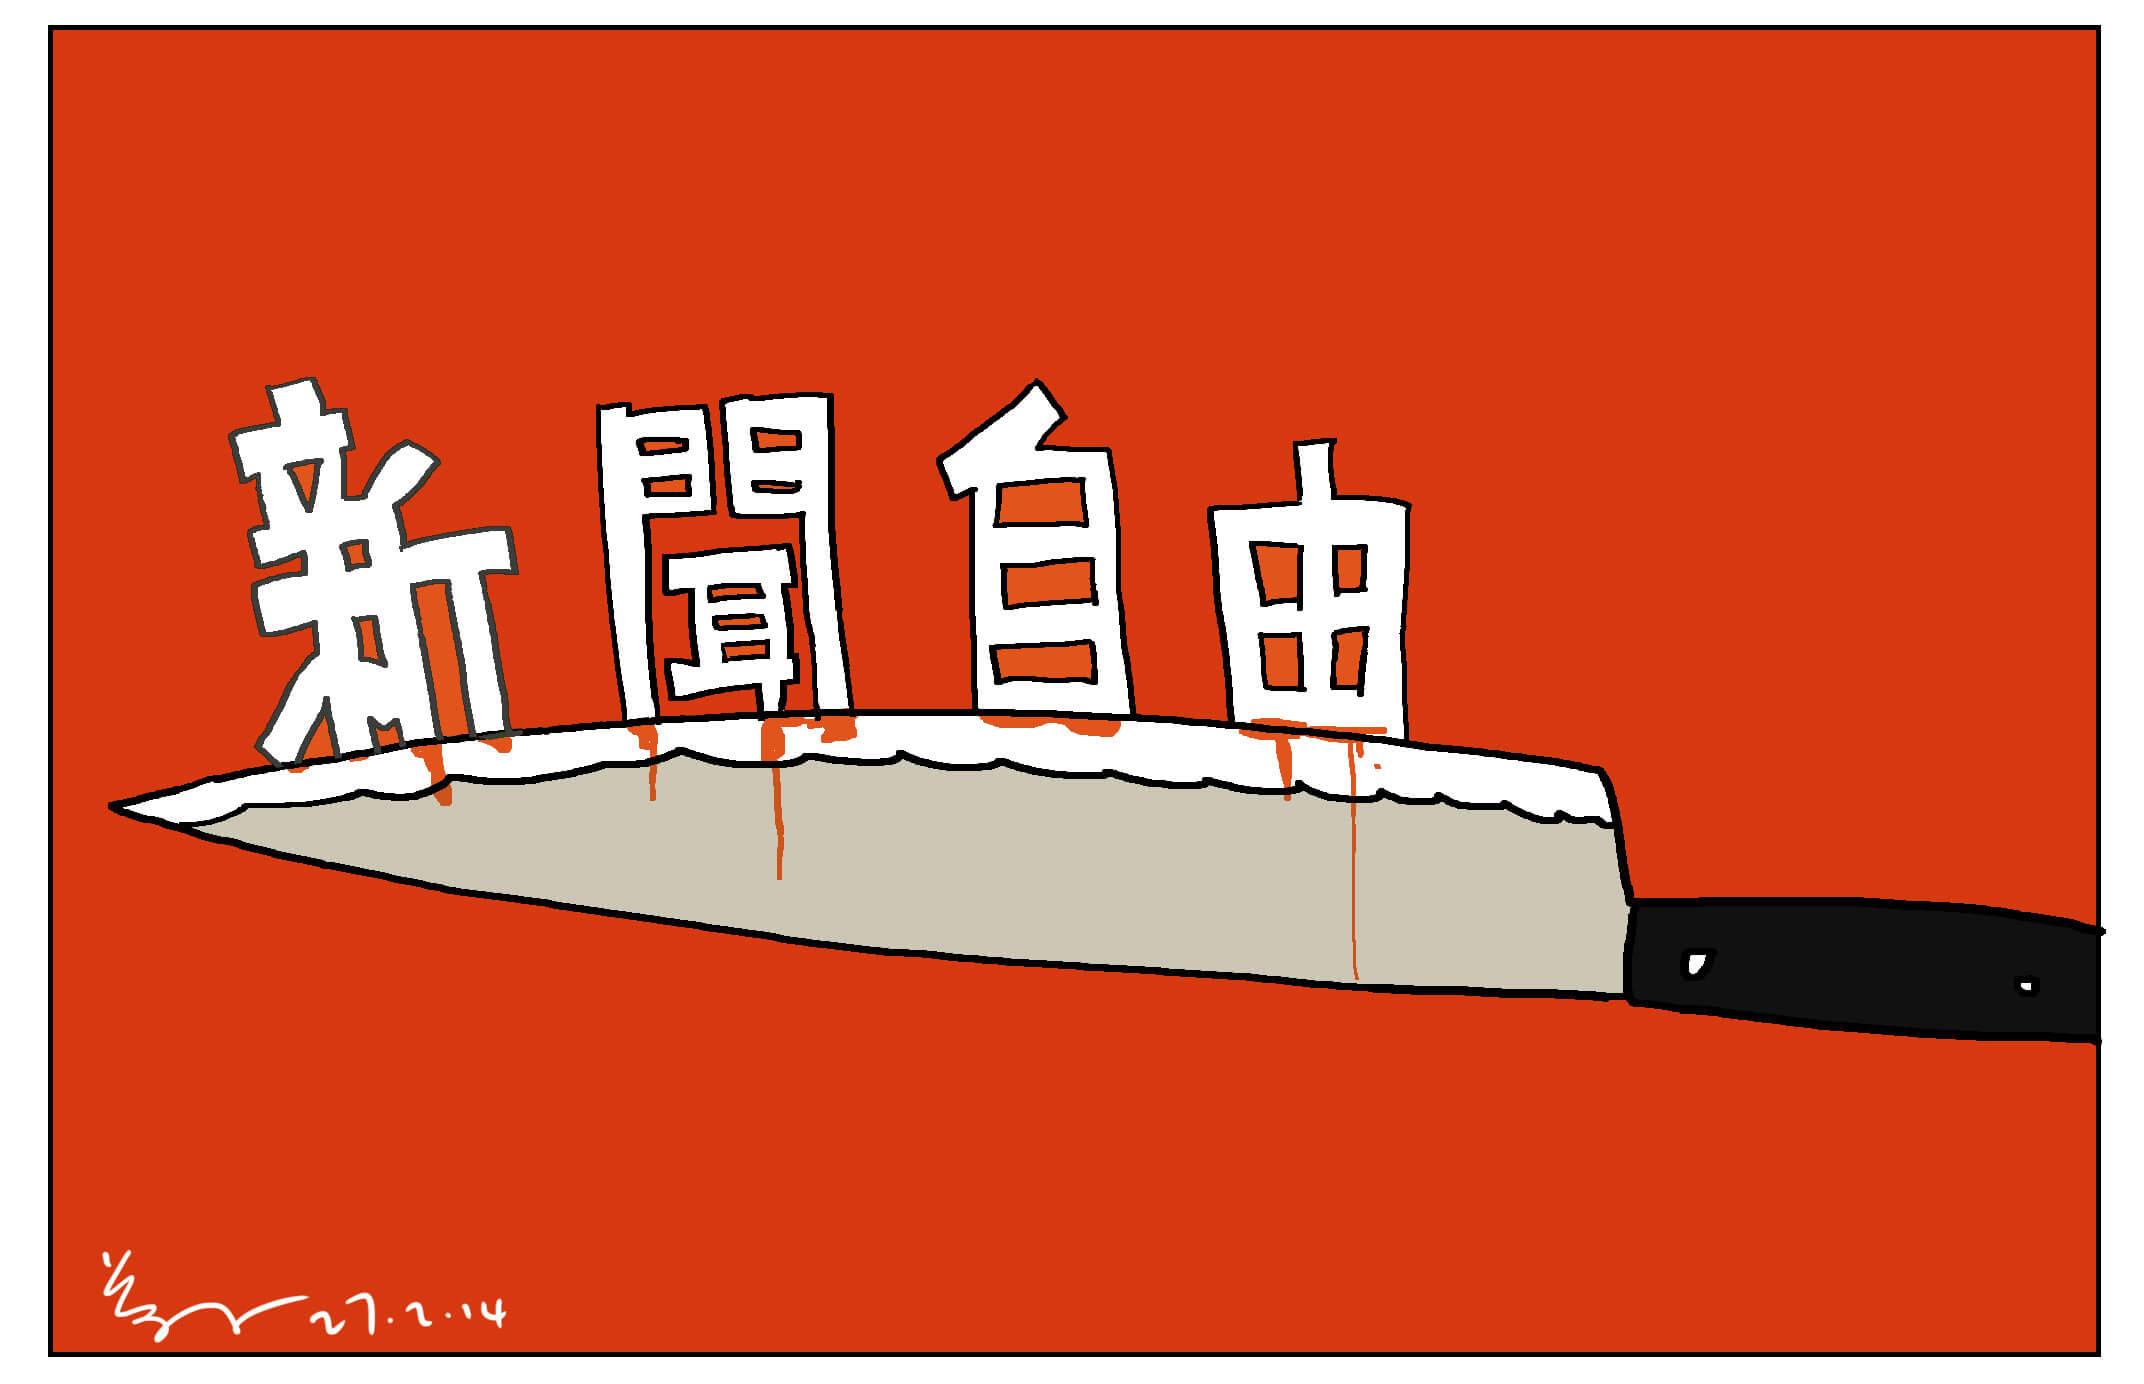 2014年2月《明報》前總編輯劉進圖被斬傷, 尊子的《新聞自由在刀上》描繪新聞自由受 嚴重威脅。